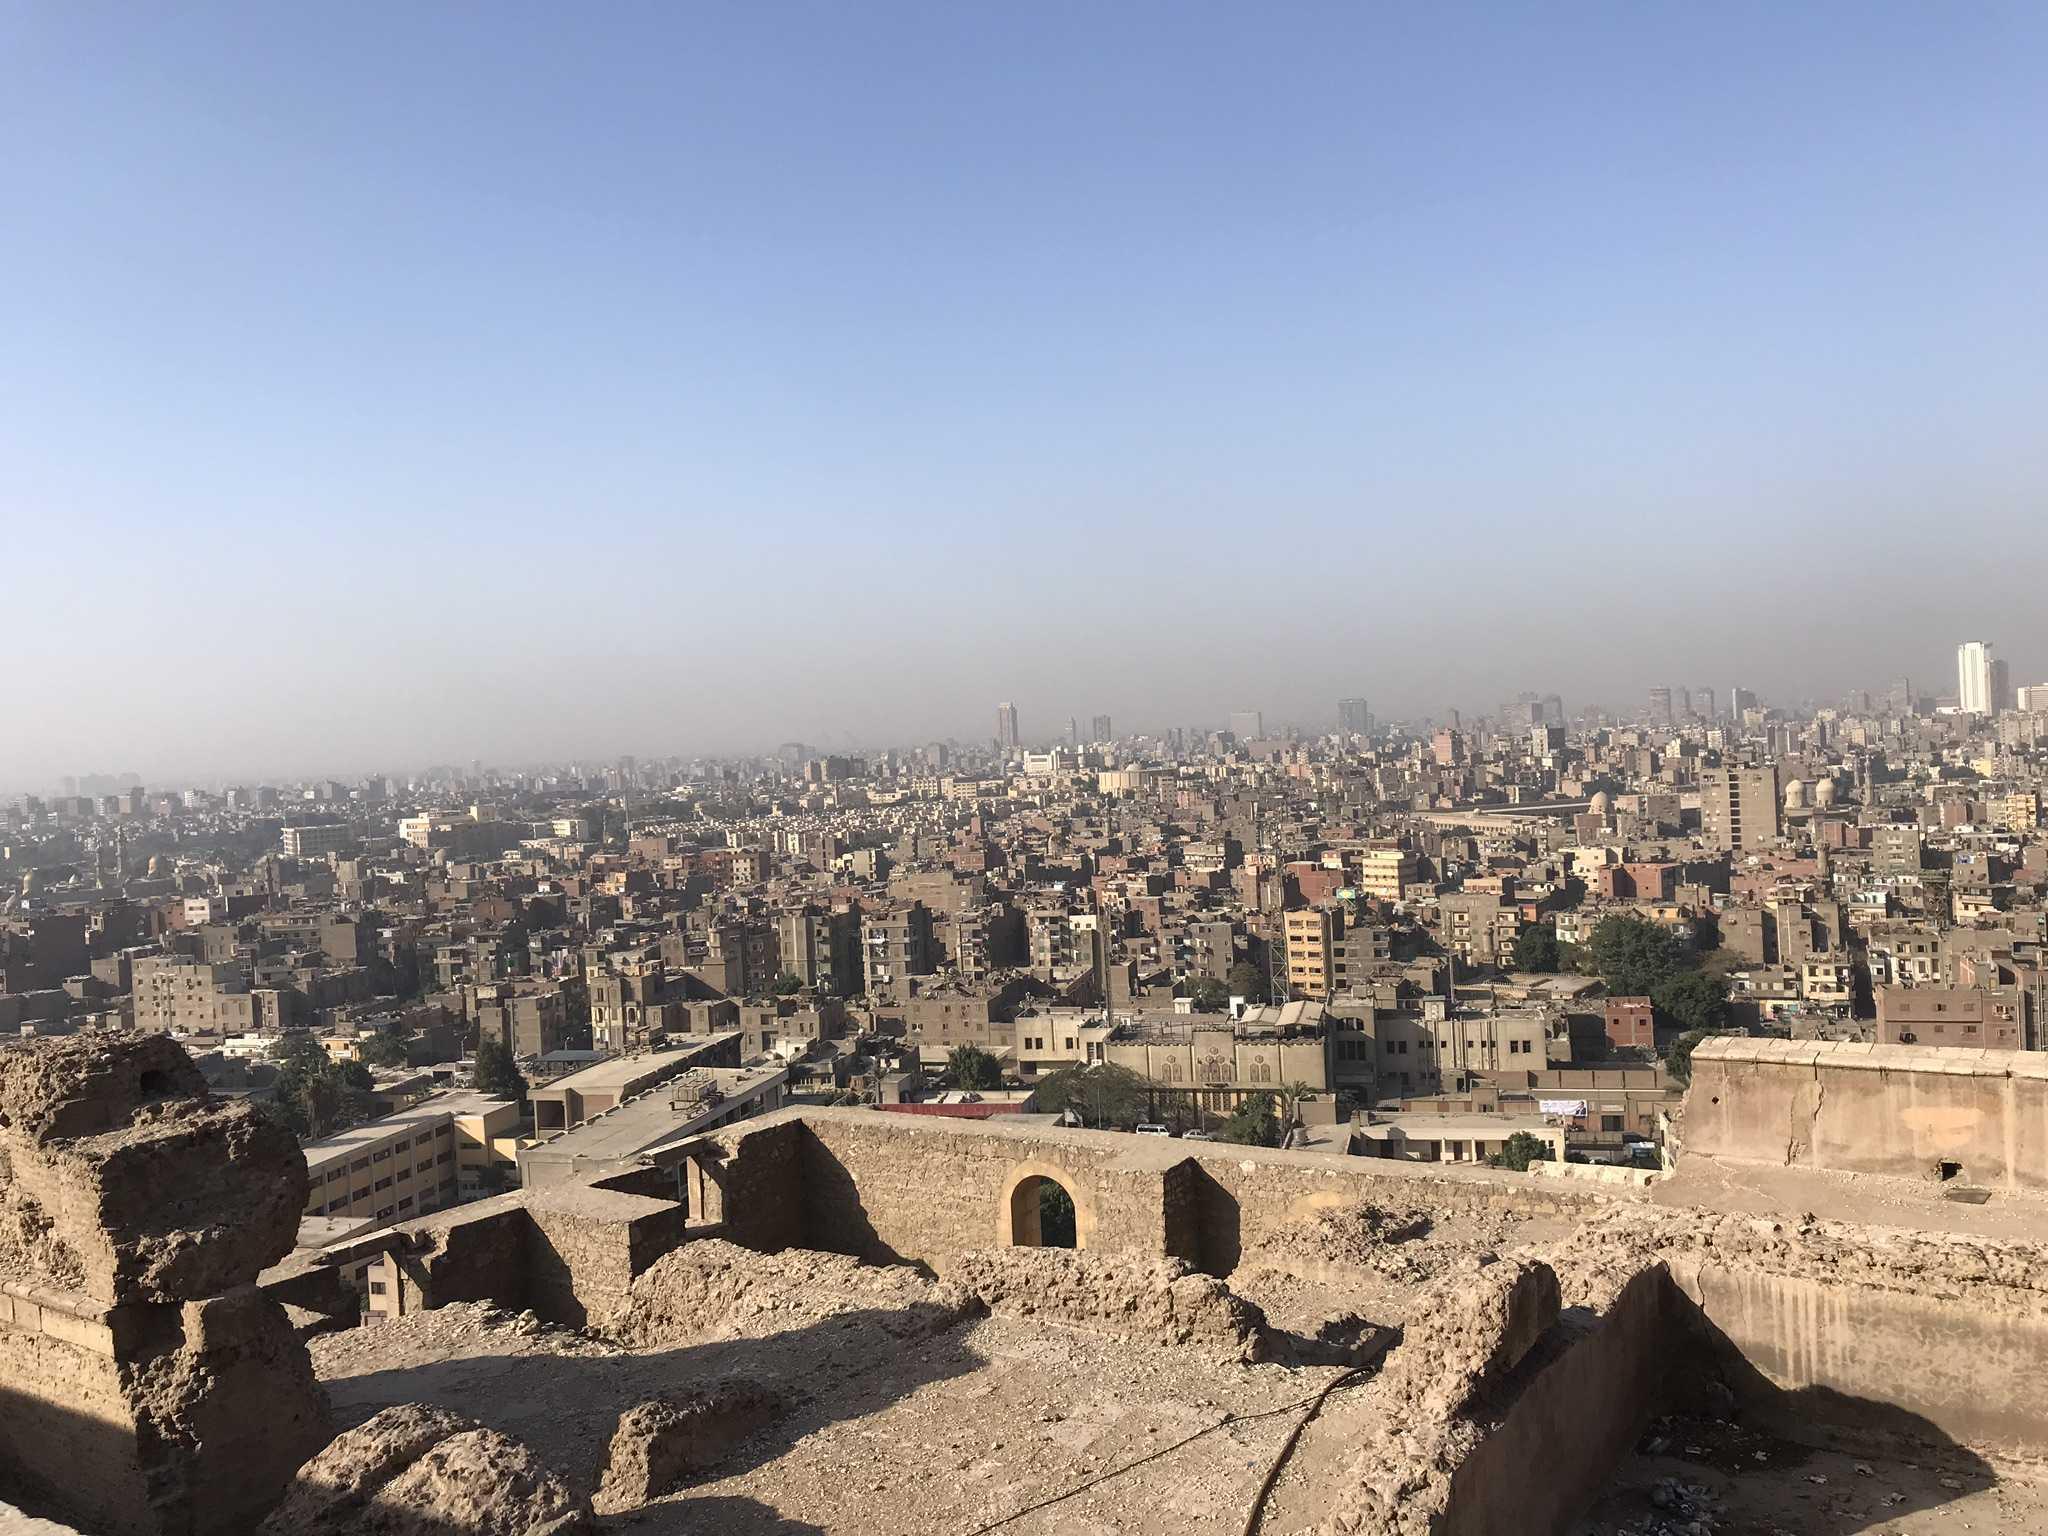 Vue du vieux Caire dans le circuit en Égypte